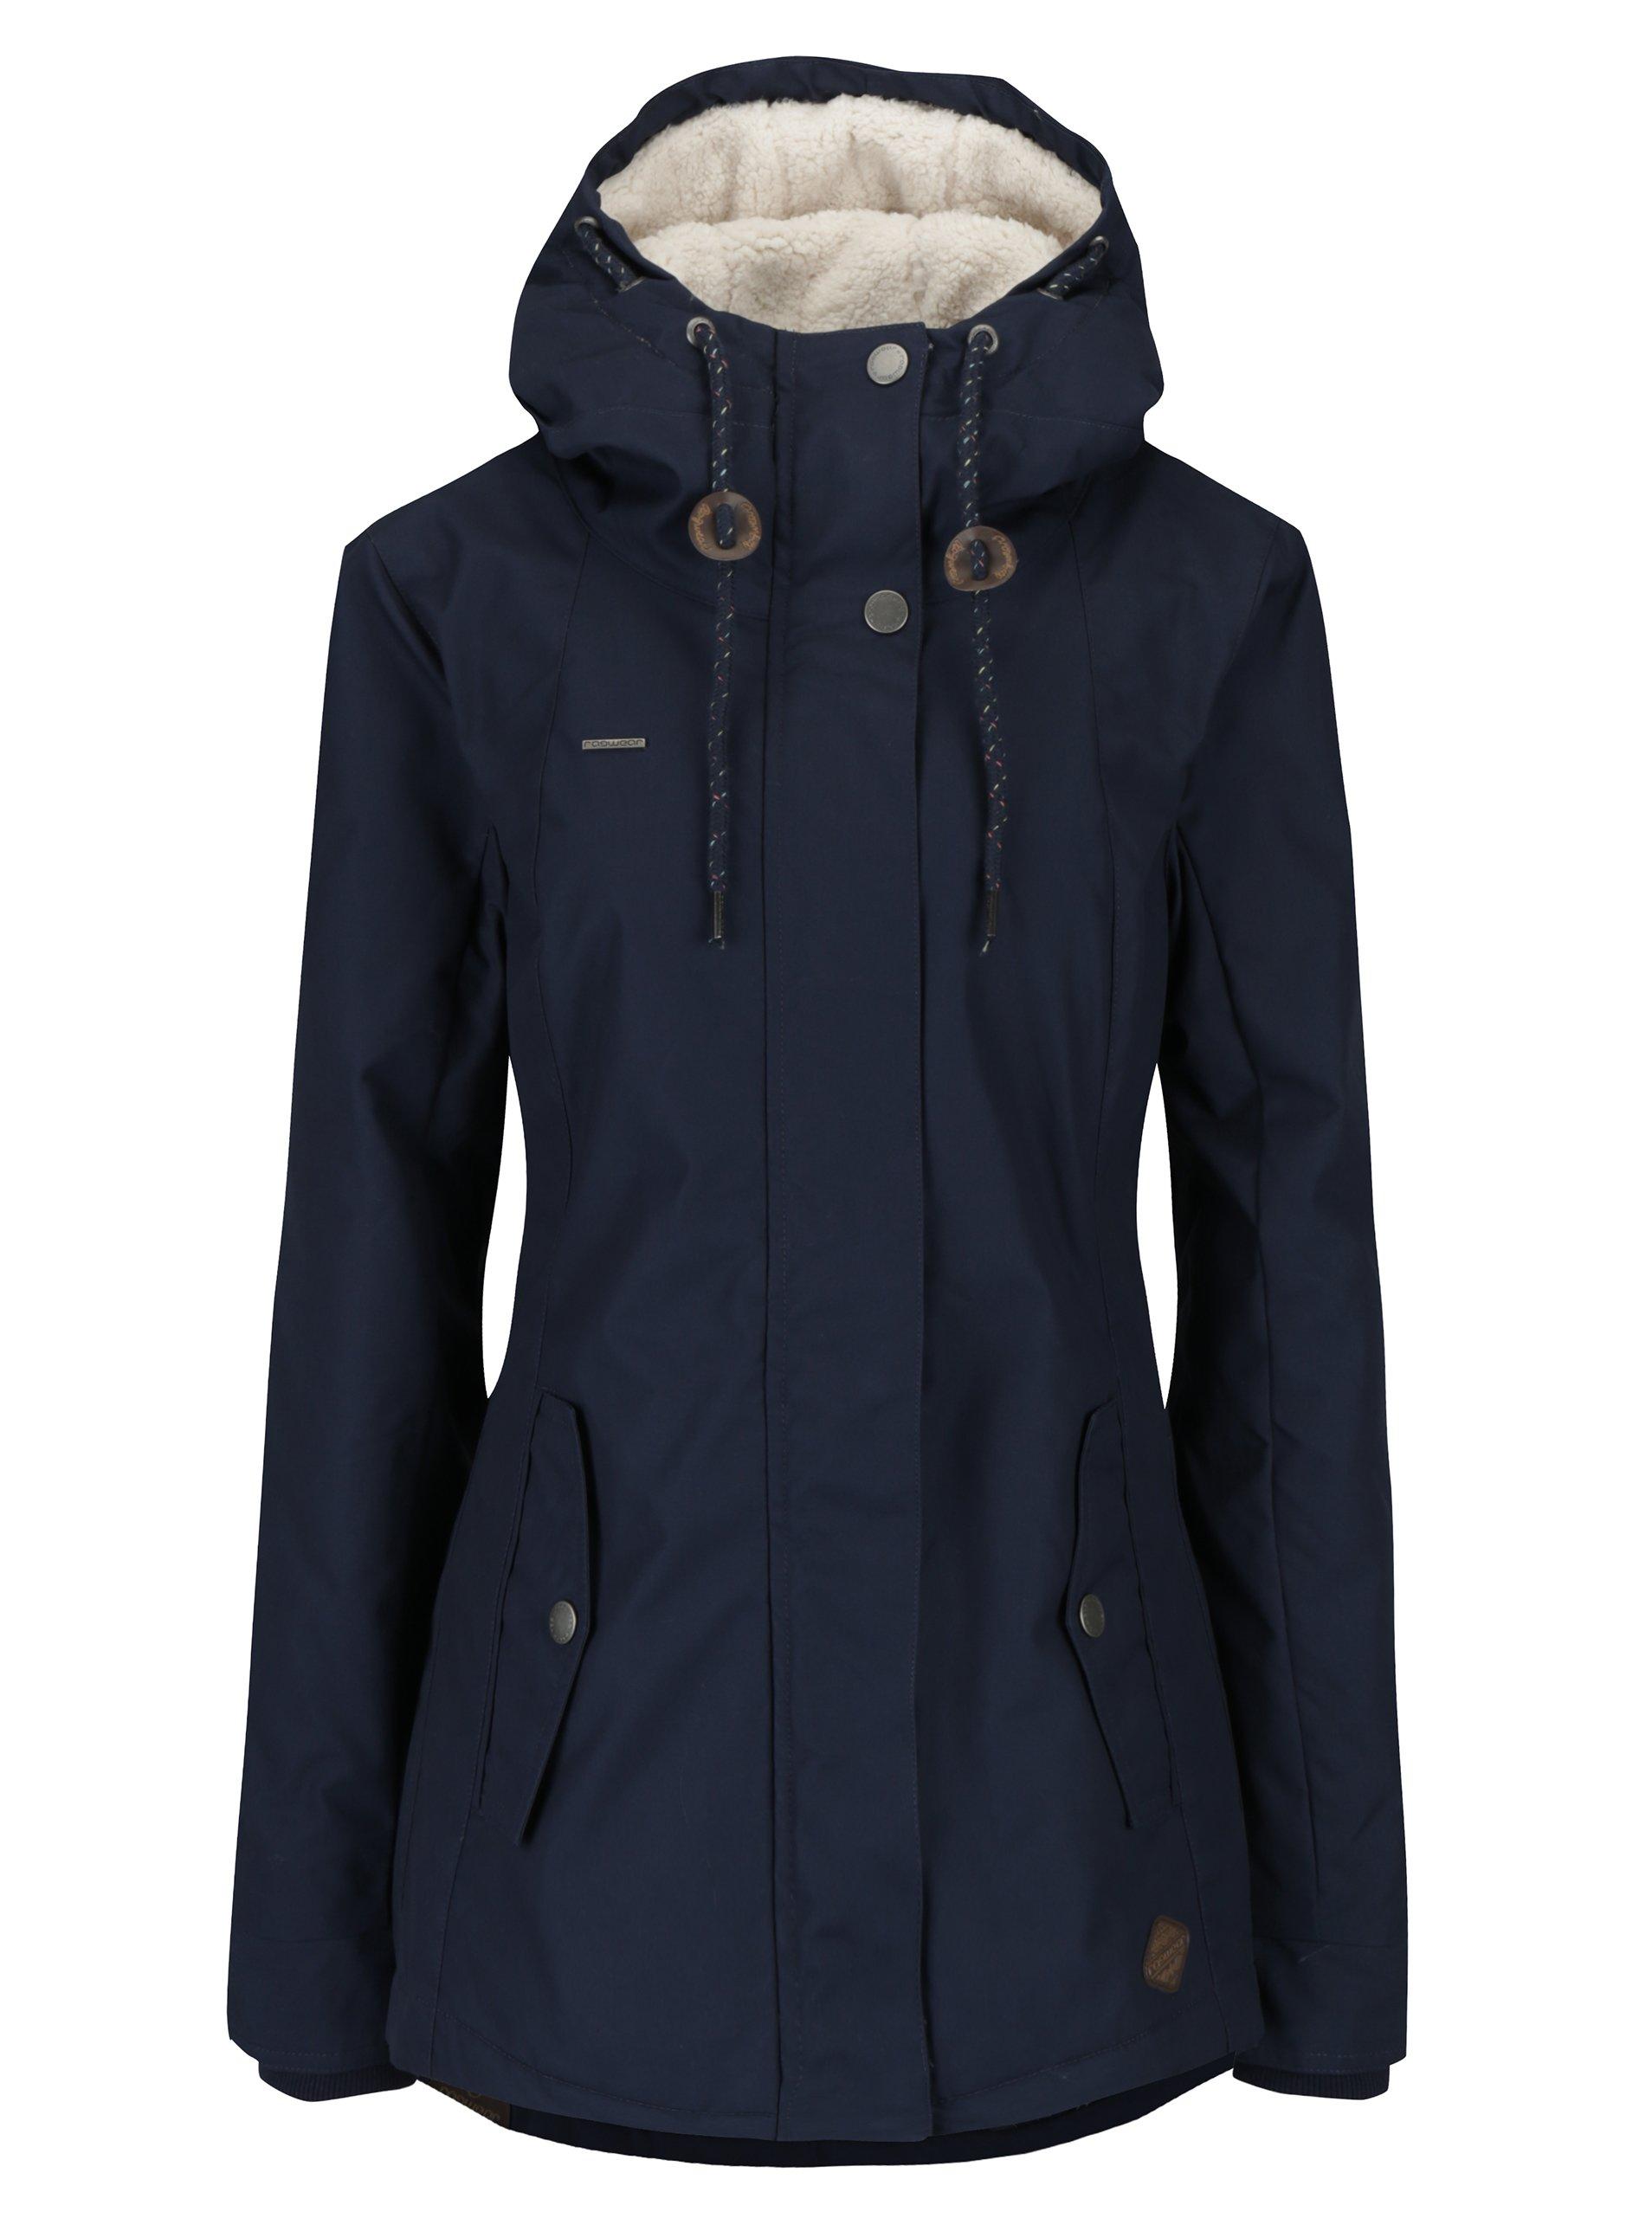 Tmavomodrá dámska zimná bunda Ragwear Monade  08bd4bc3737